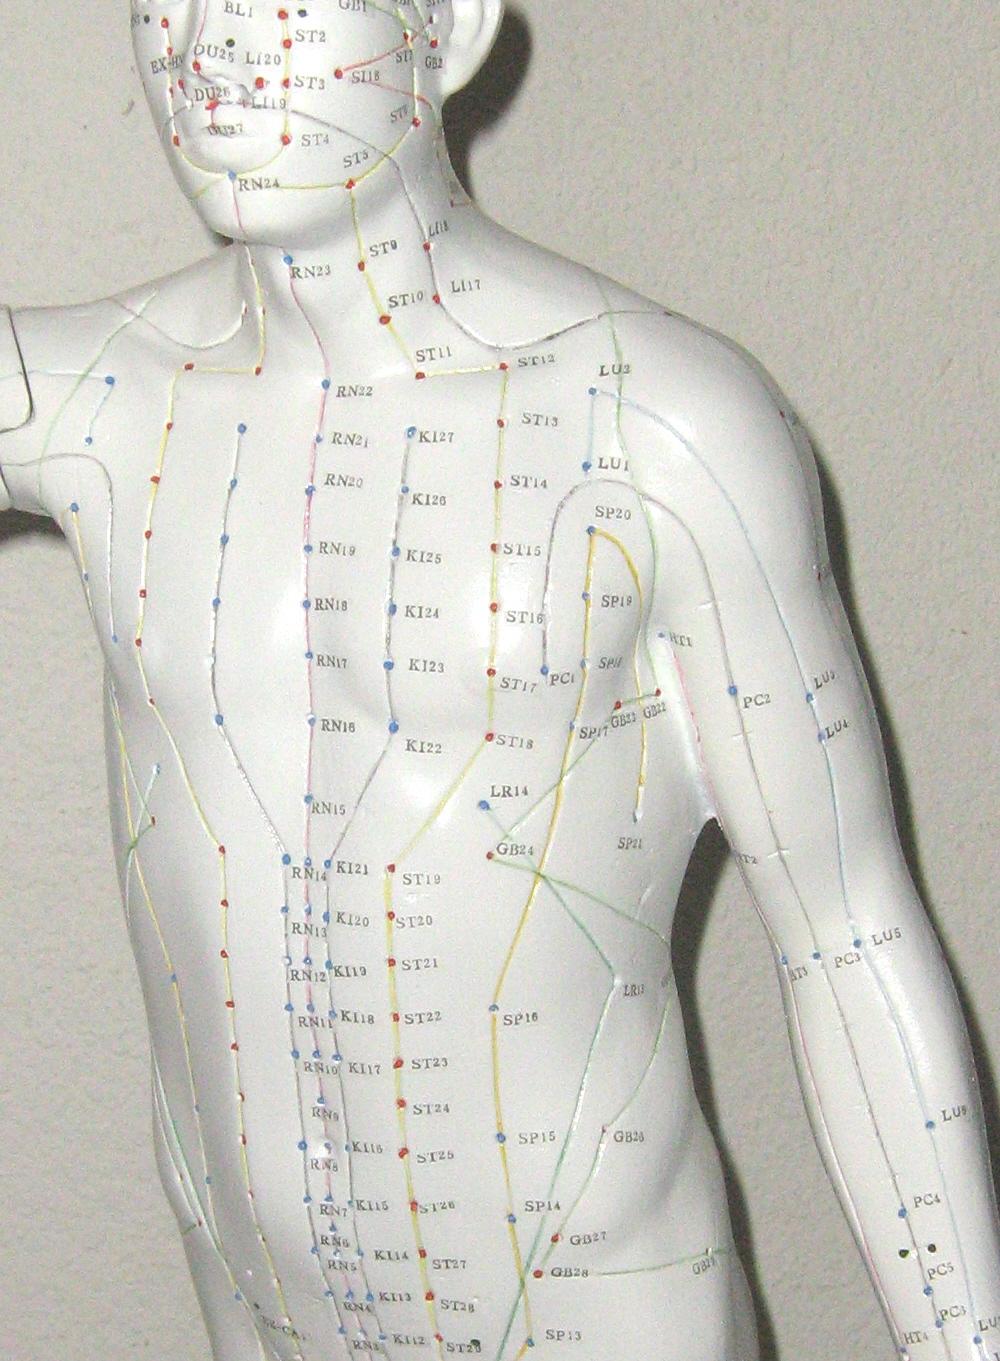 De Acupunctuurpunten van borst en buik